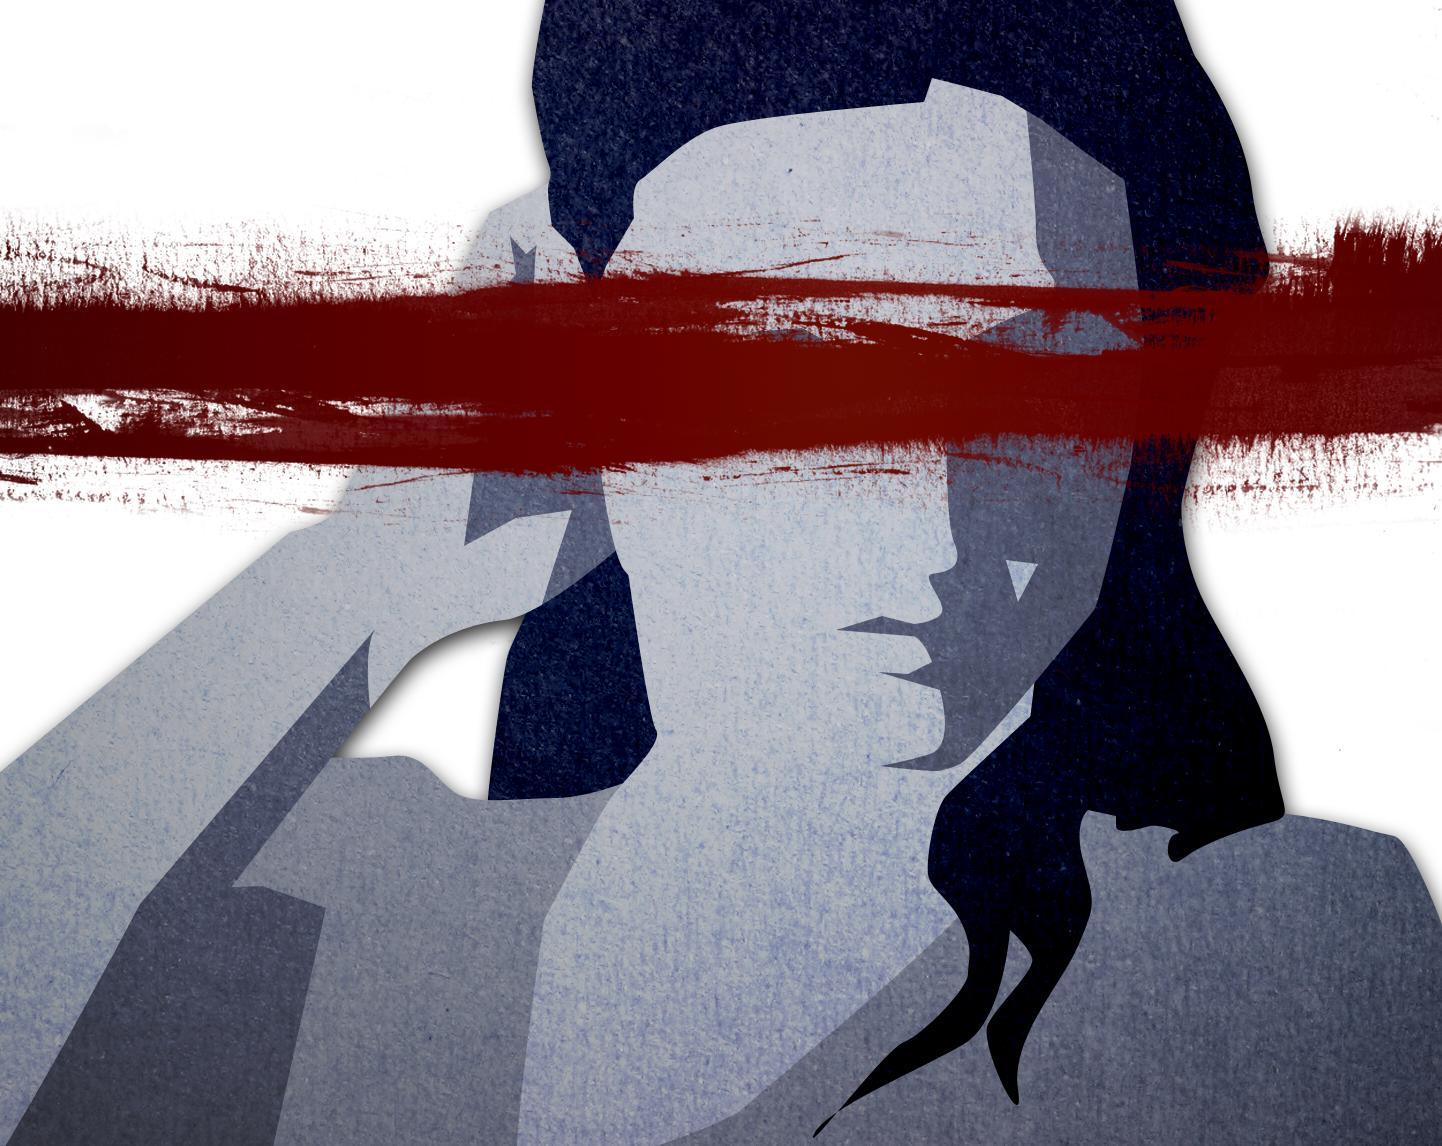 La belleza de una acusada puede influir injustamente en la percepción de su culpabilidad